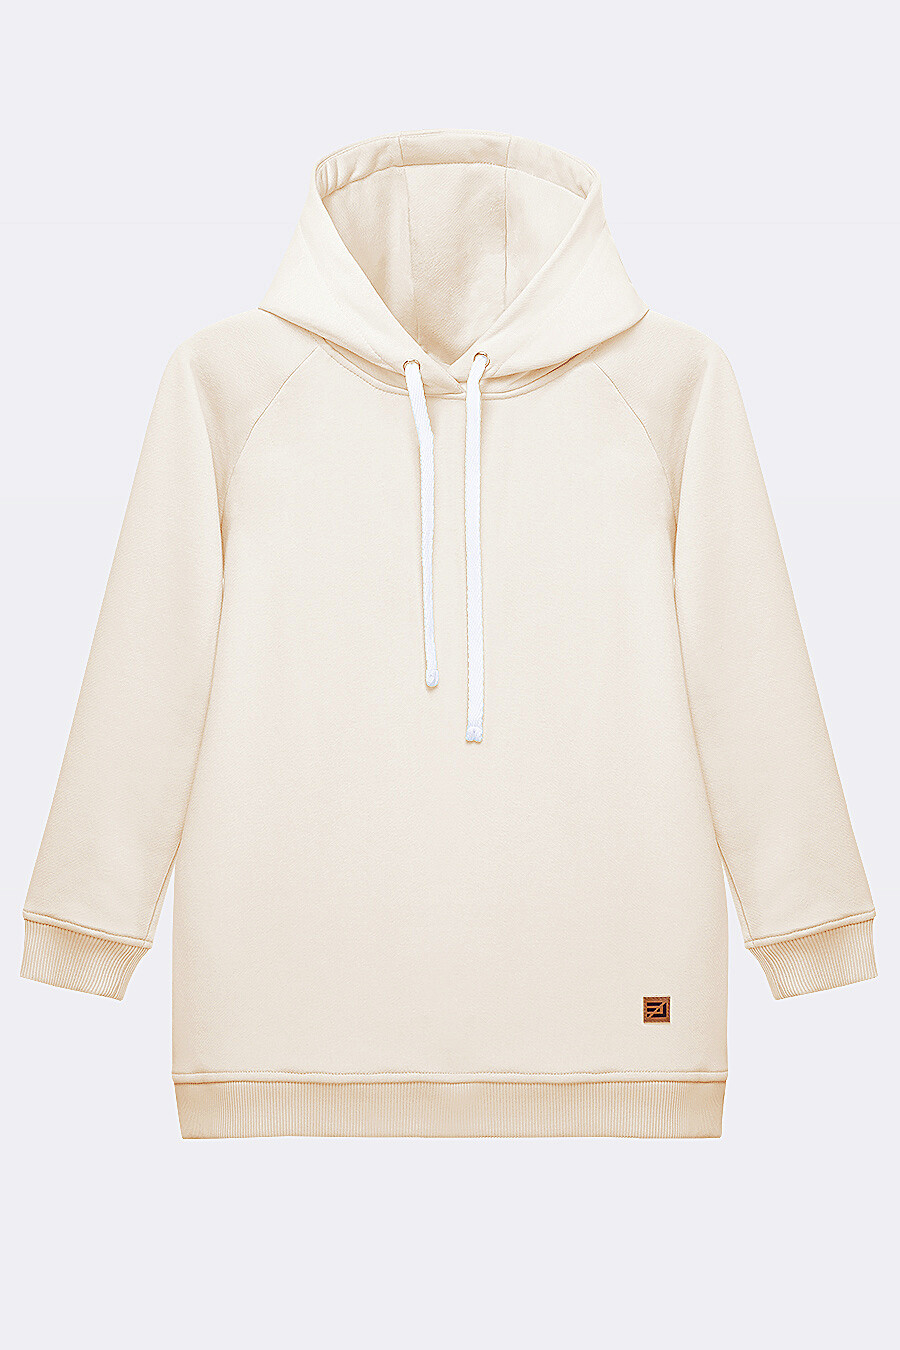 Костюм(Худи+Брюки) для девочек EZANNA 682717 купить оптом от производителя. Совместная покупка детской одежды в OptMoyo